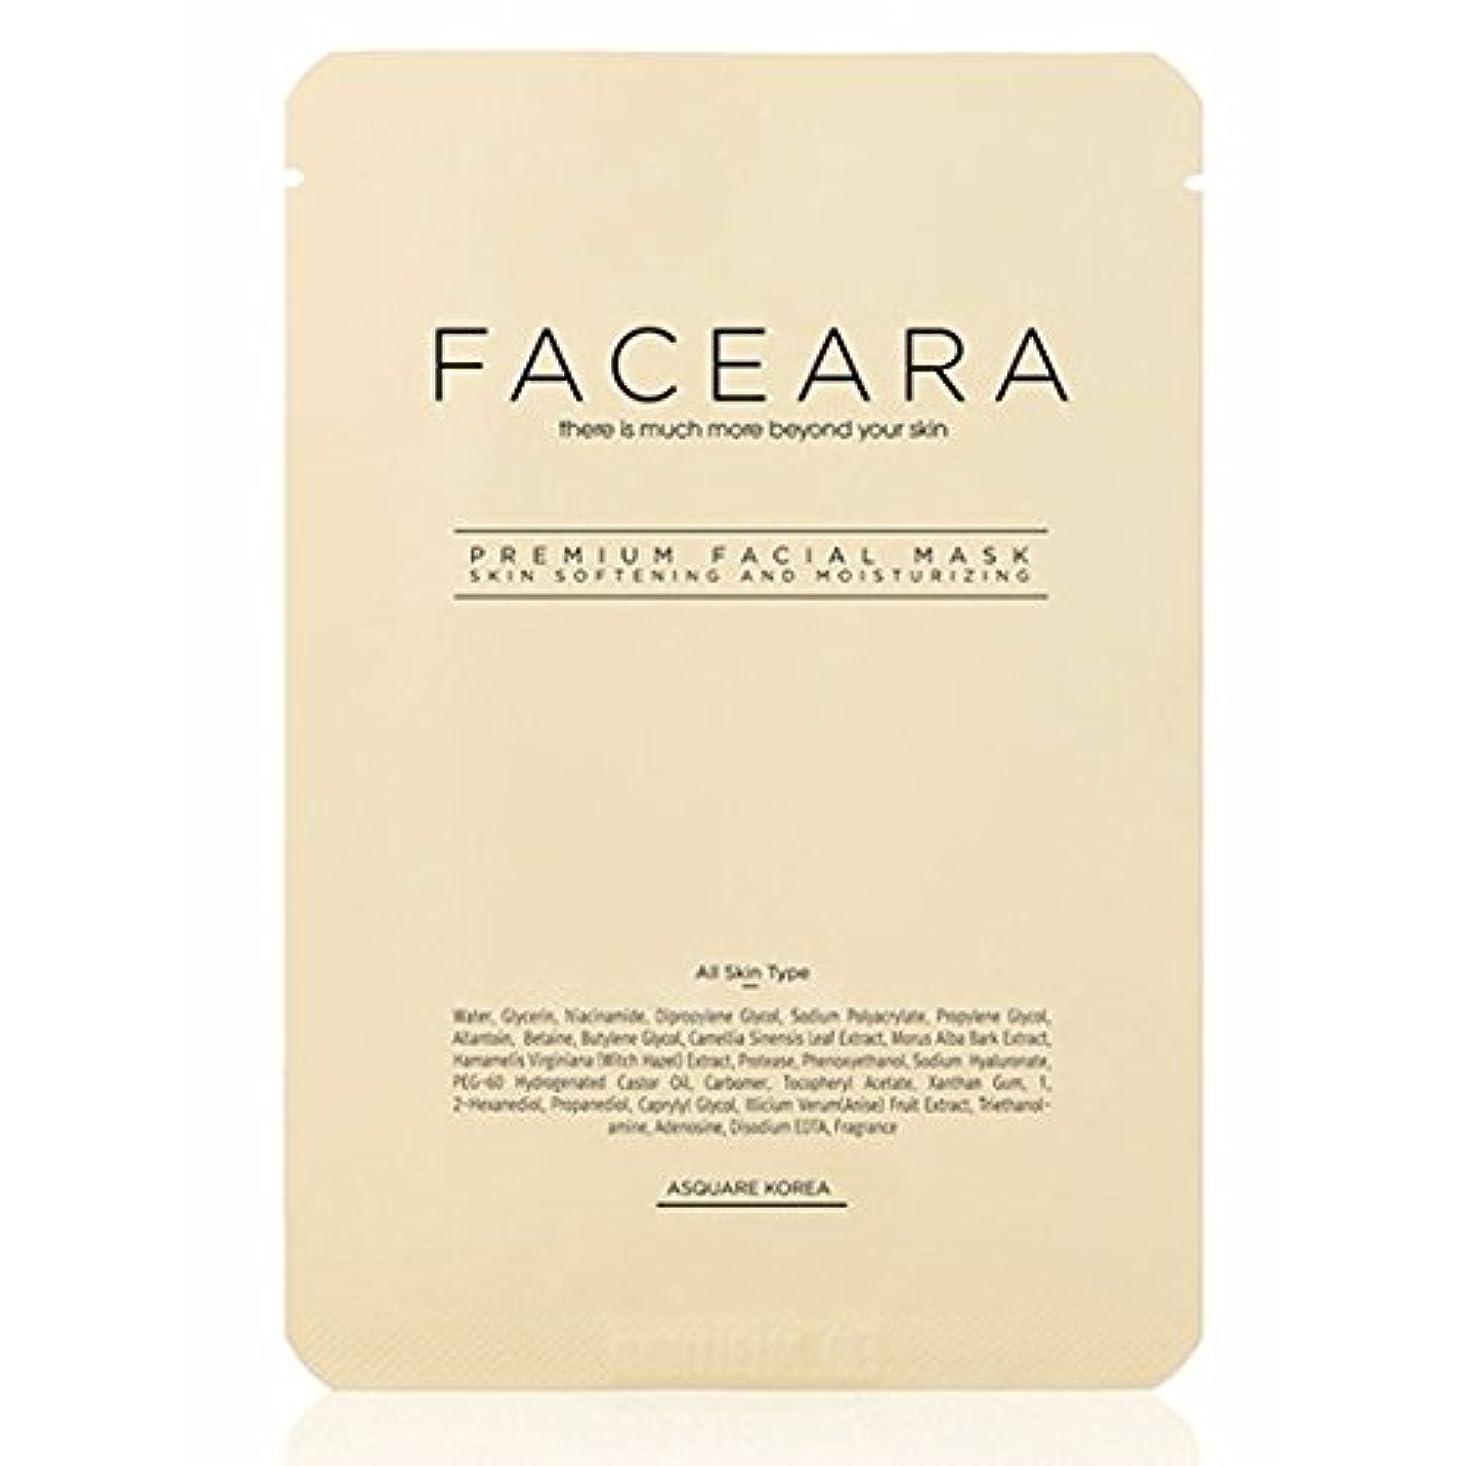 森純粋な今晩[並行輸入品] FACEARA スクラブ&スーパーモイスチャライザー用プレミアムフェイシャルマスクシート25g 10本セット / FACEARA Premium Facial Mask Sheet for Scrub &...